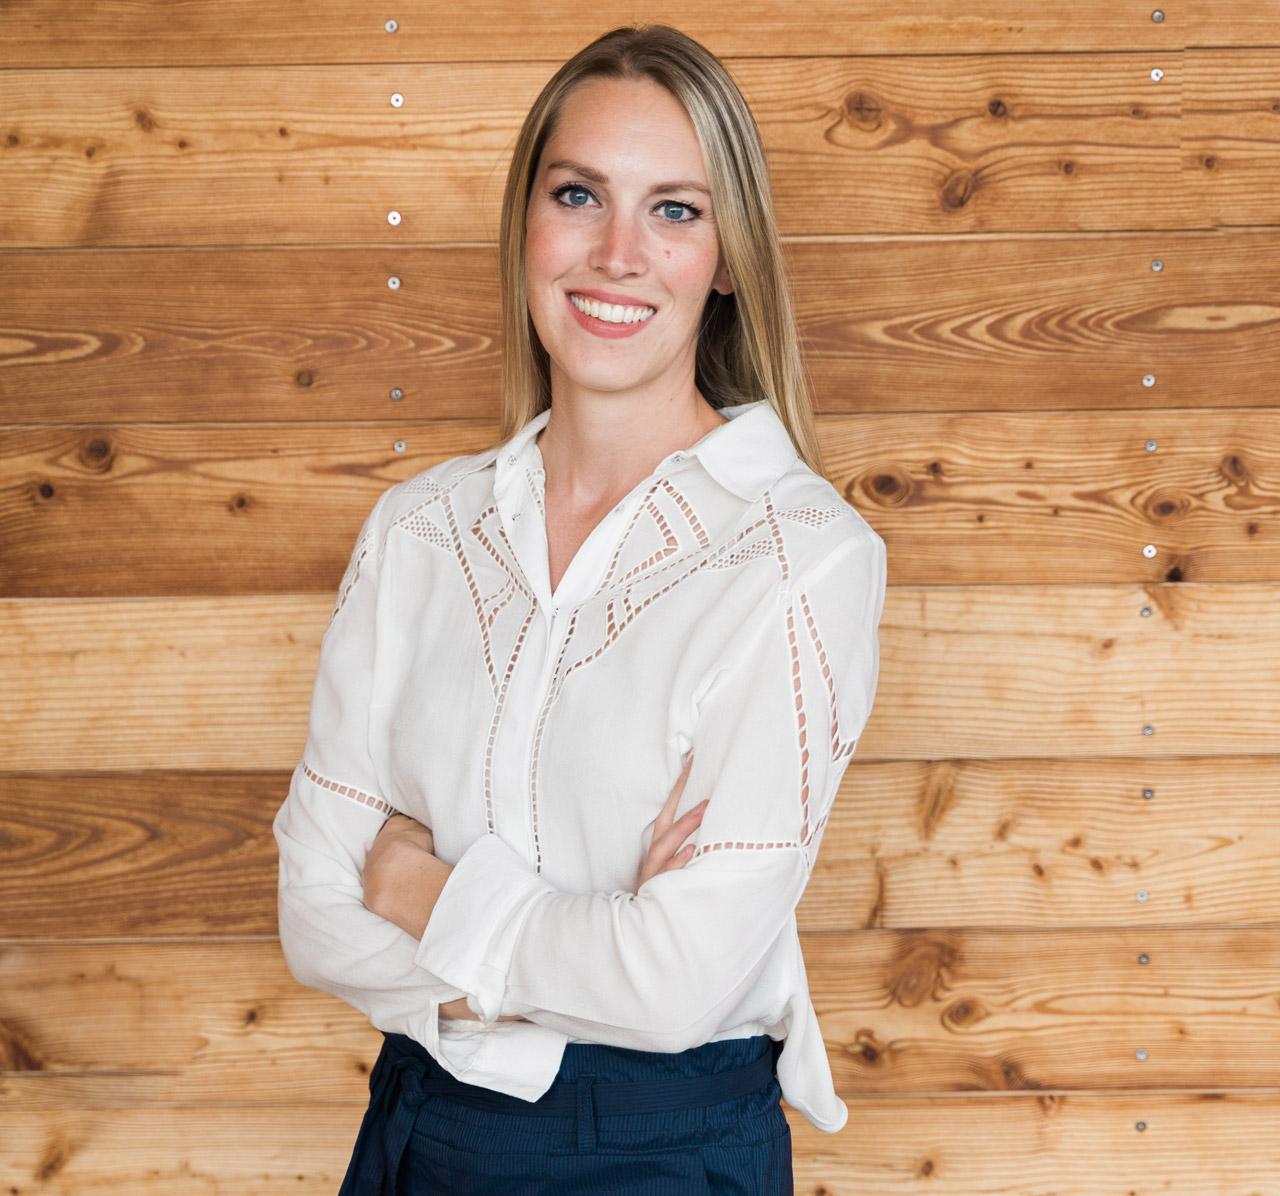 Julia Wetzel